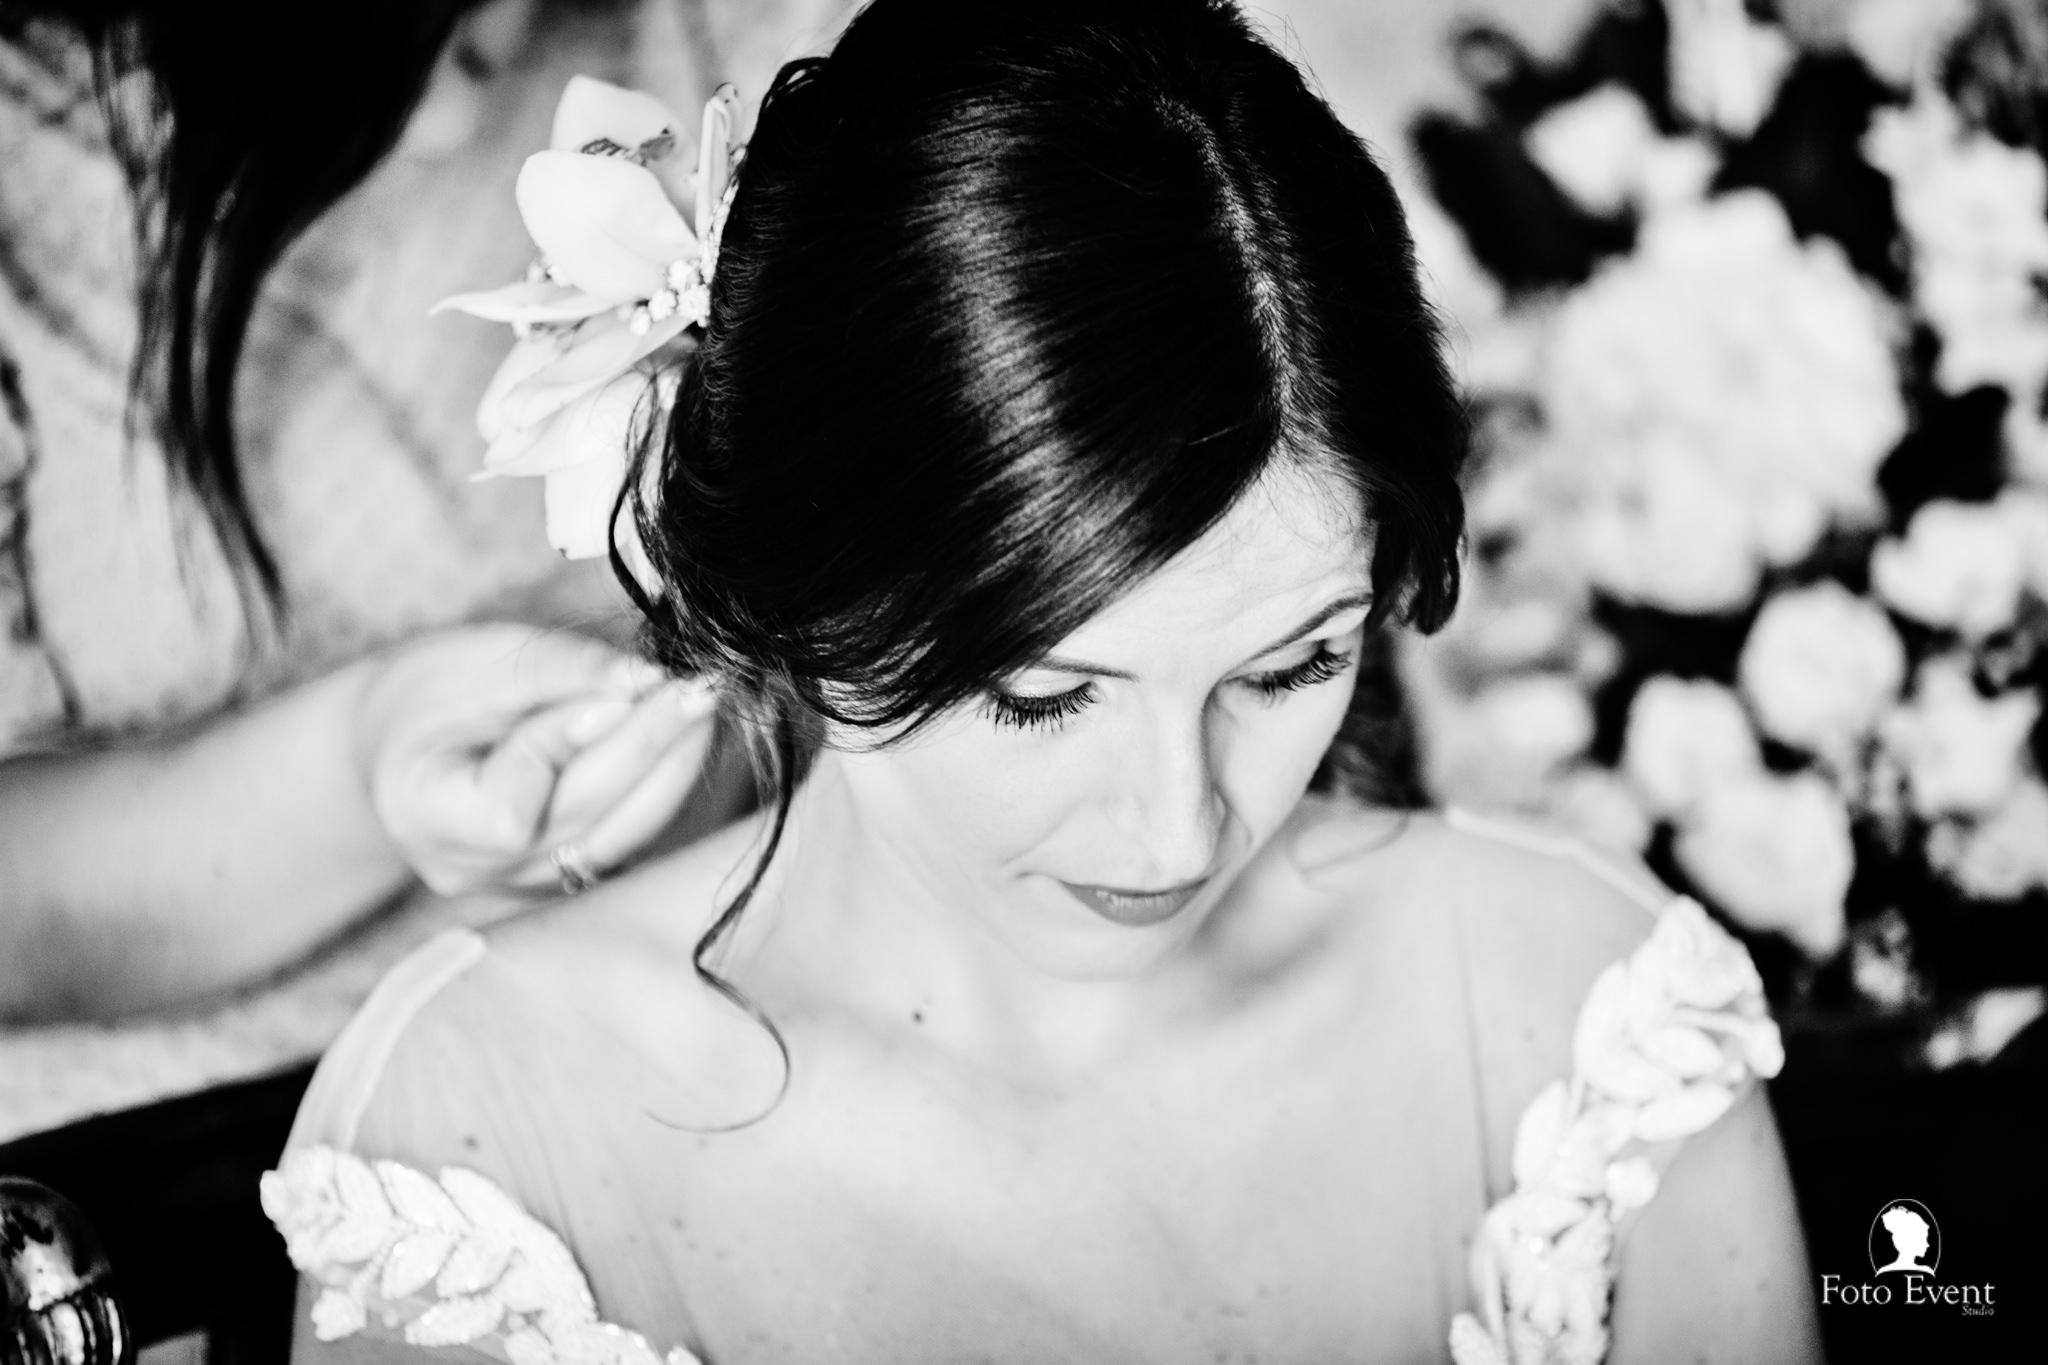 019-2019-09-09-Matrimonio-Dorotea-e-Alberto-Iemmolo-zoom-175-Edit